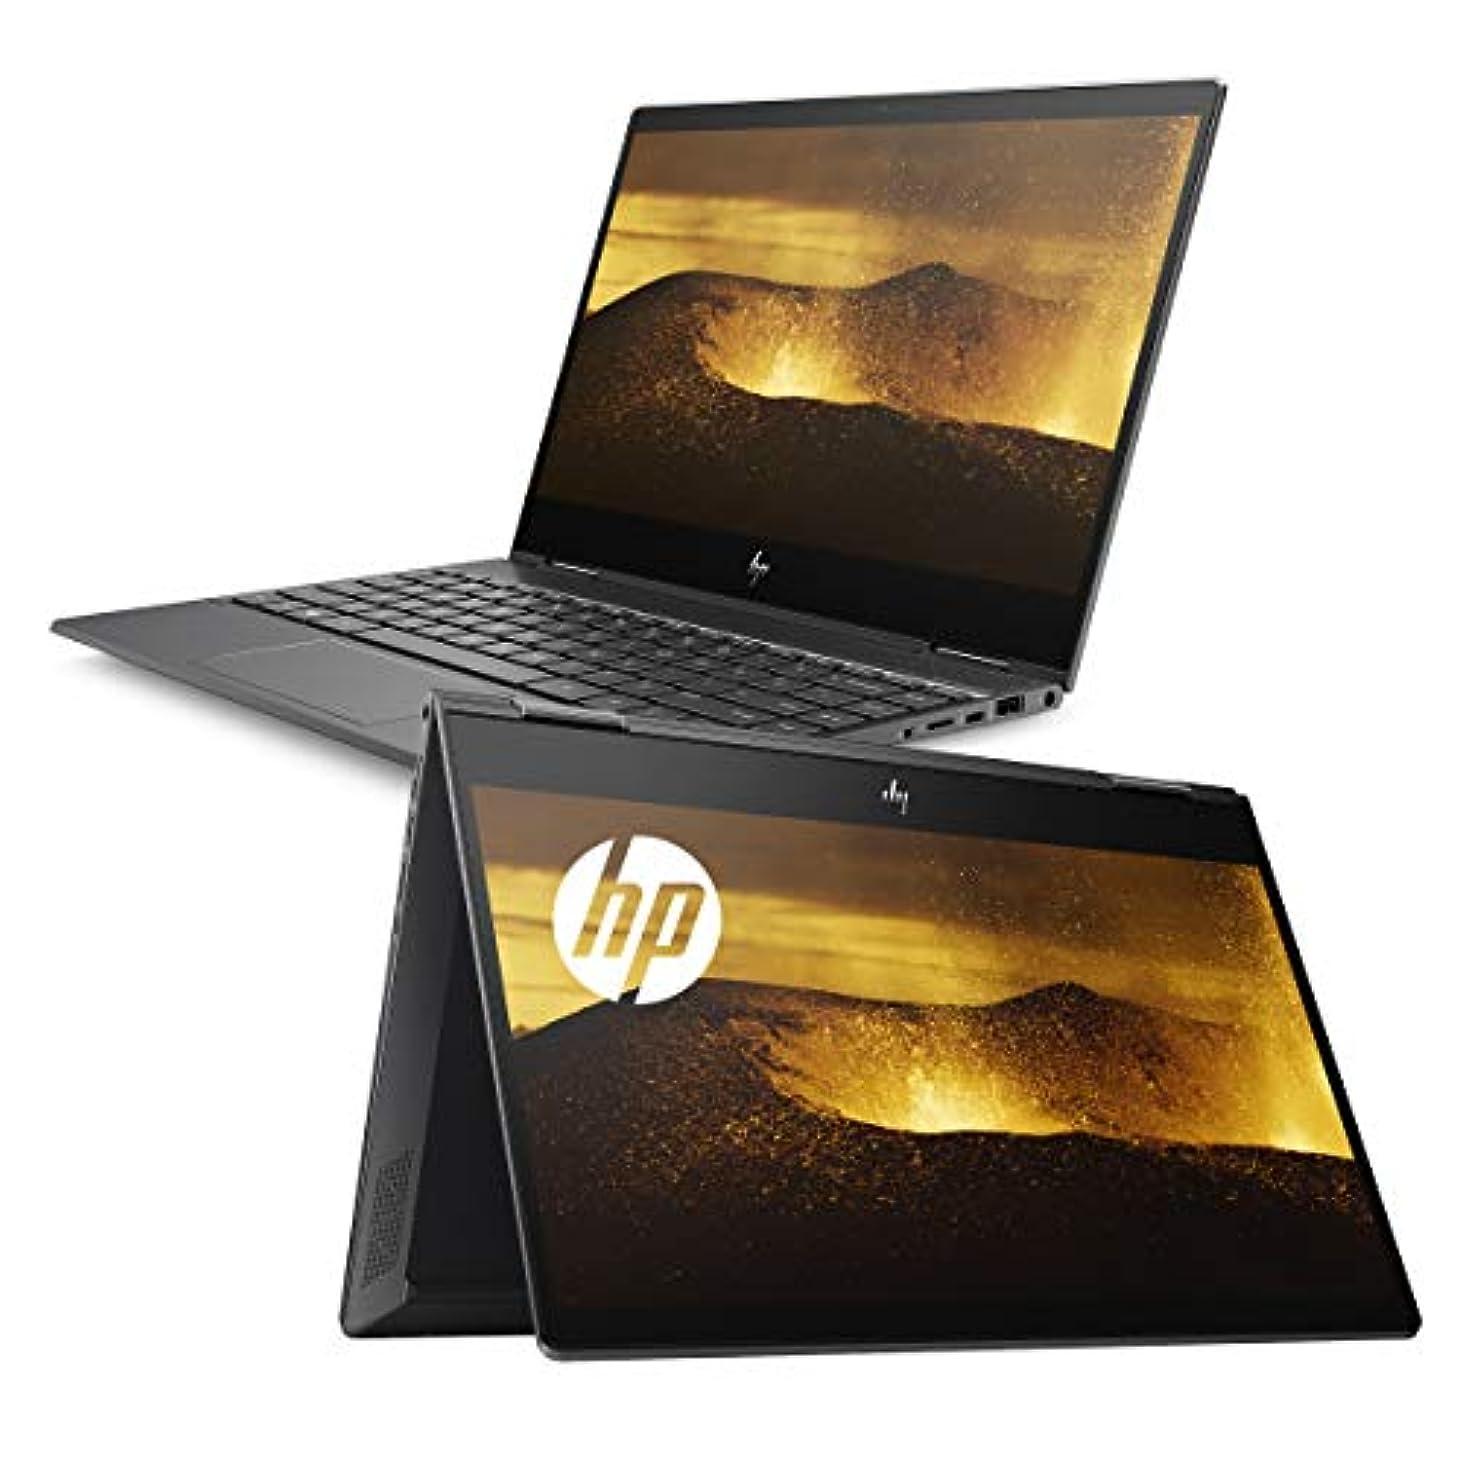 福祉和令状【2019年6月発売】 HP ノートパソコン HP ENVY x360 13 13.3インチ フルHDタッチパネルディスプレイ 2in1 コンバーチブルタイプ AMD Ryzen 5/8GB/512GB SSD